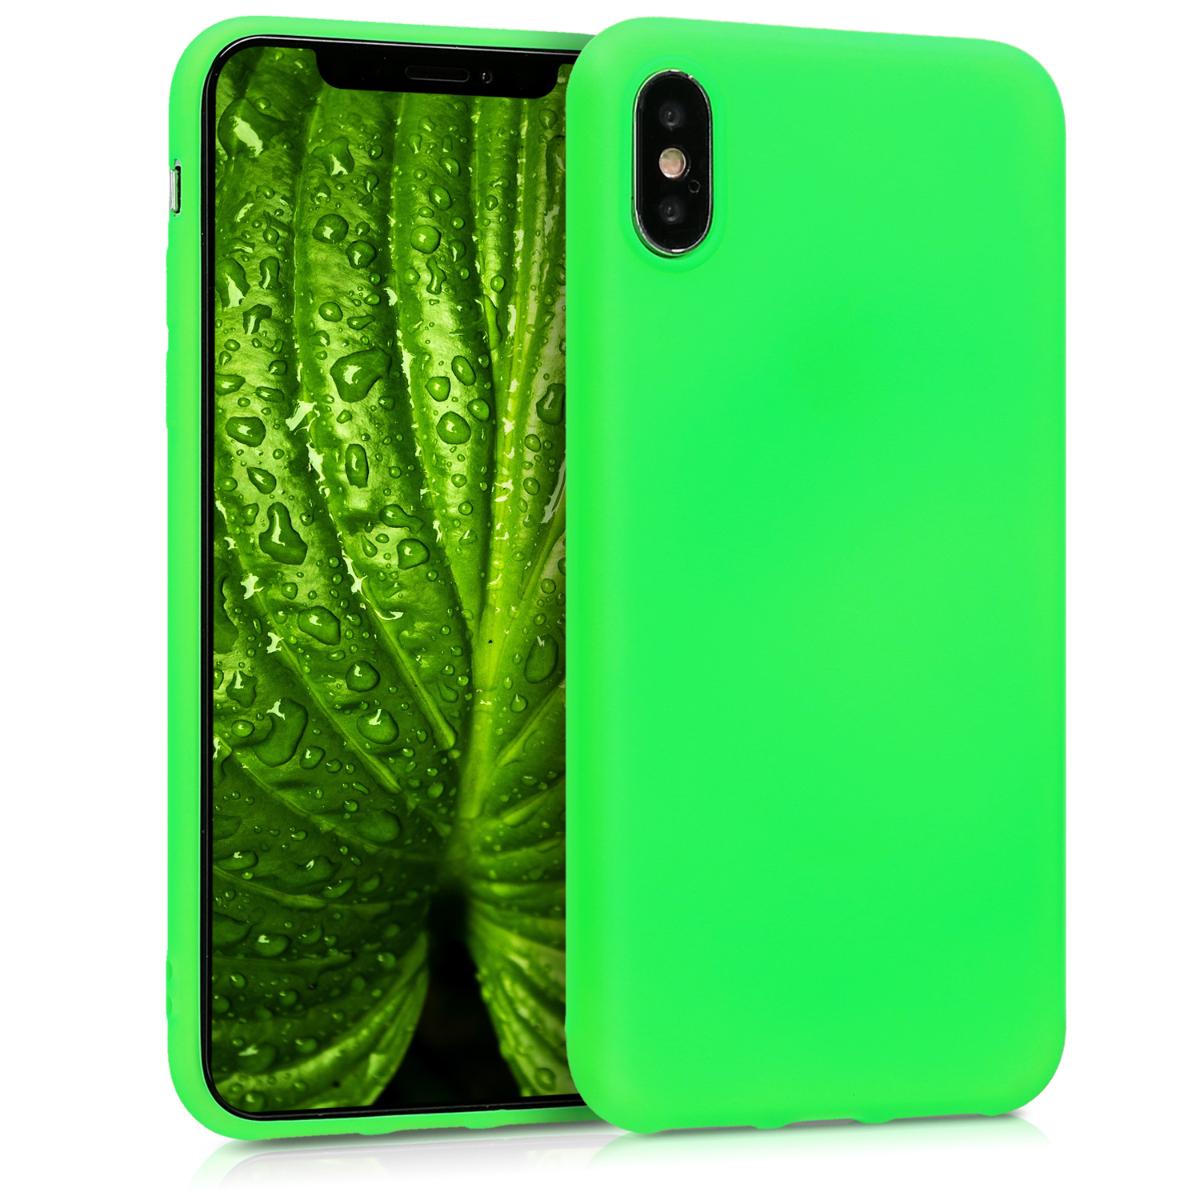 Kvalitní silikonové TPU pouzdro pro Apple iPhone X - Neonově zelená